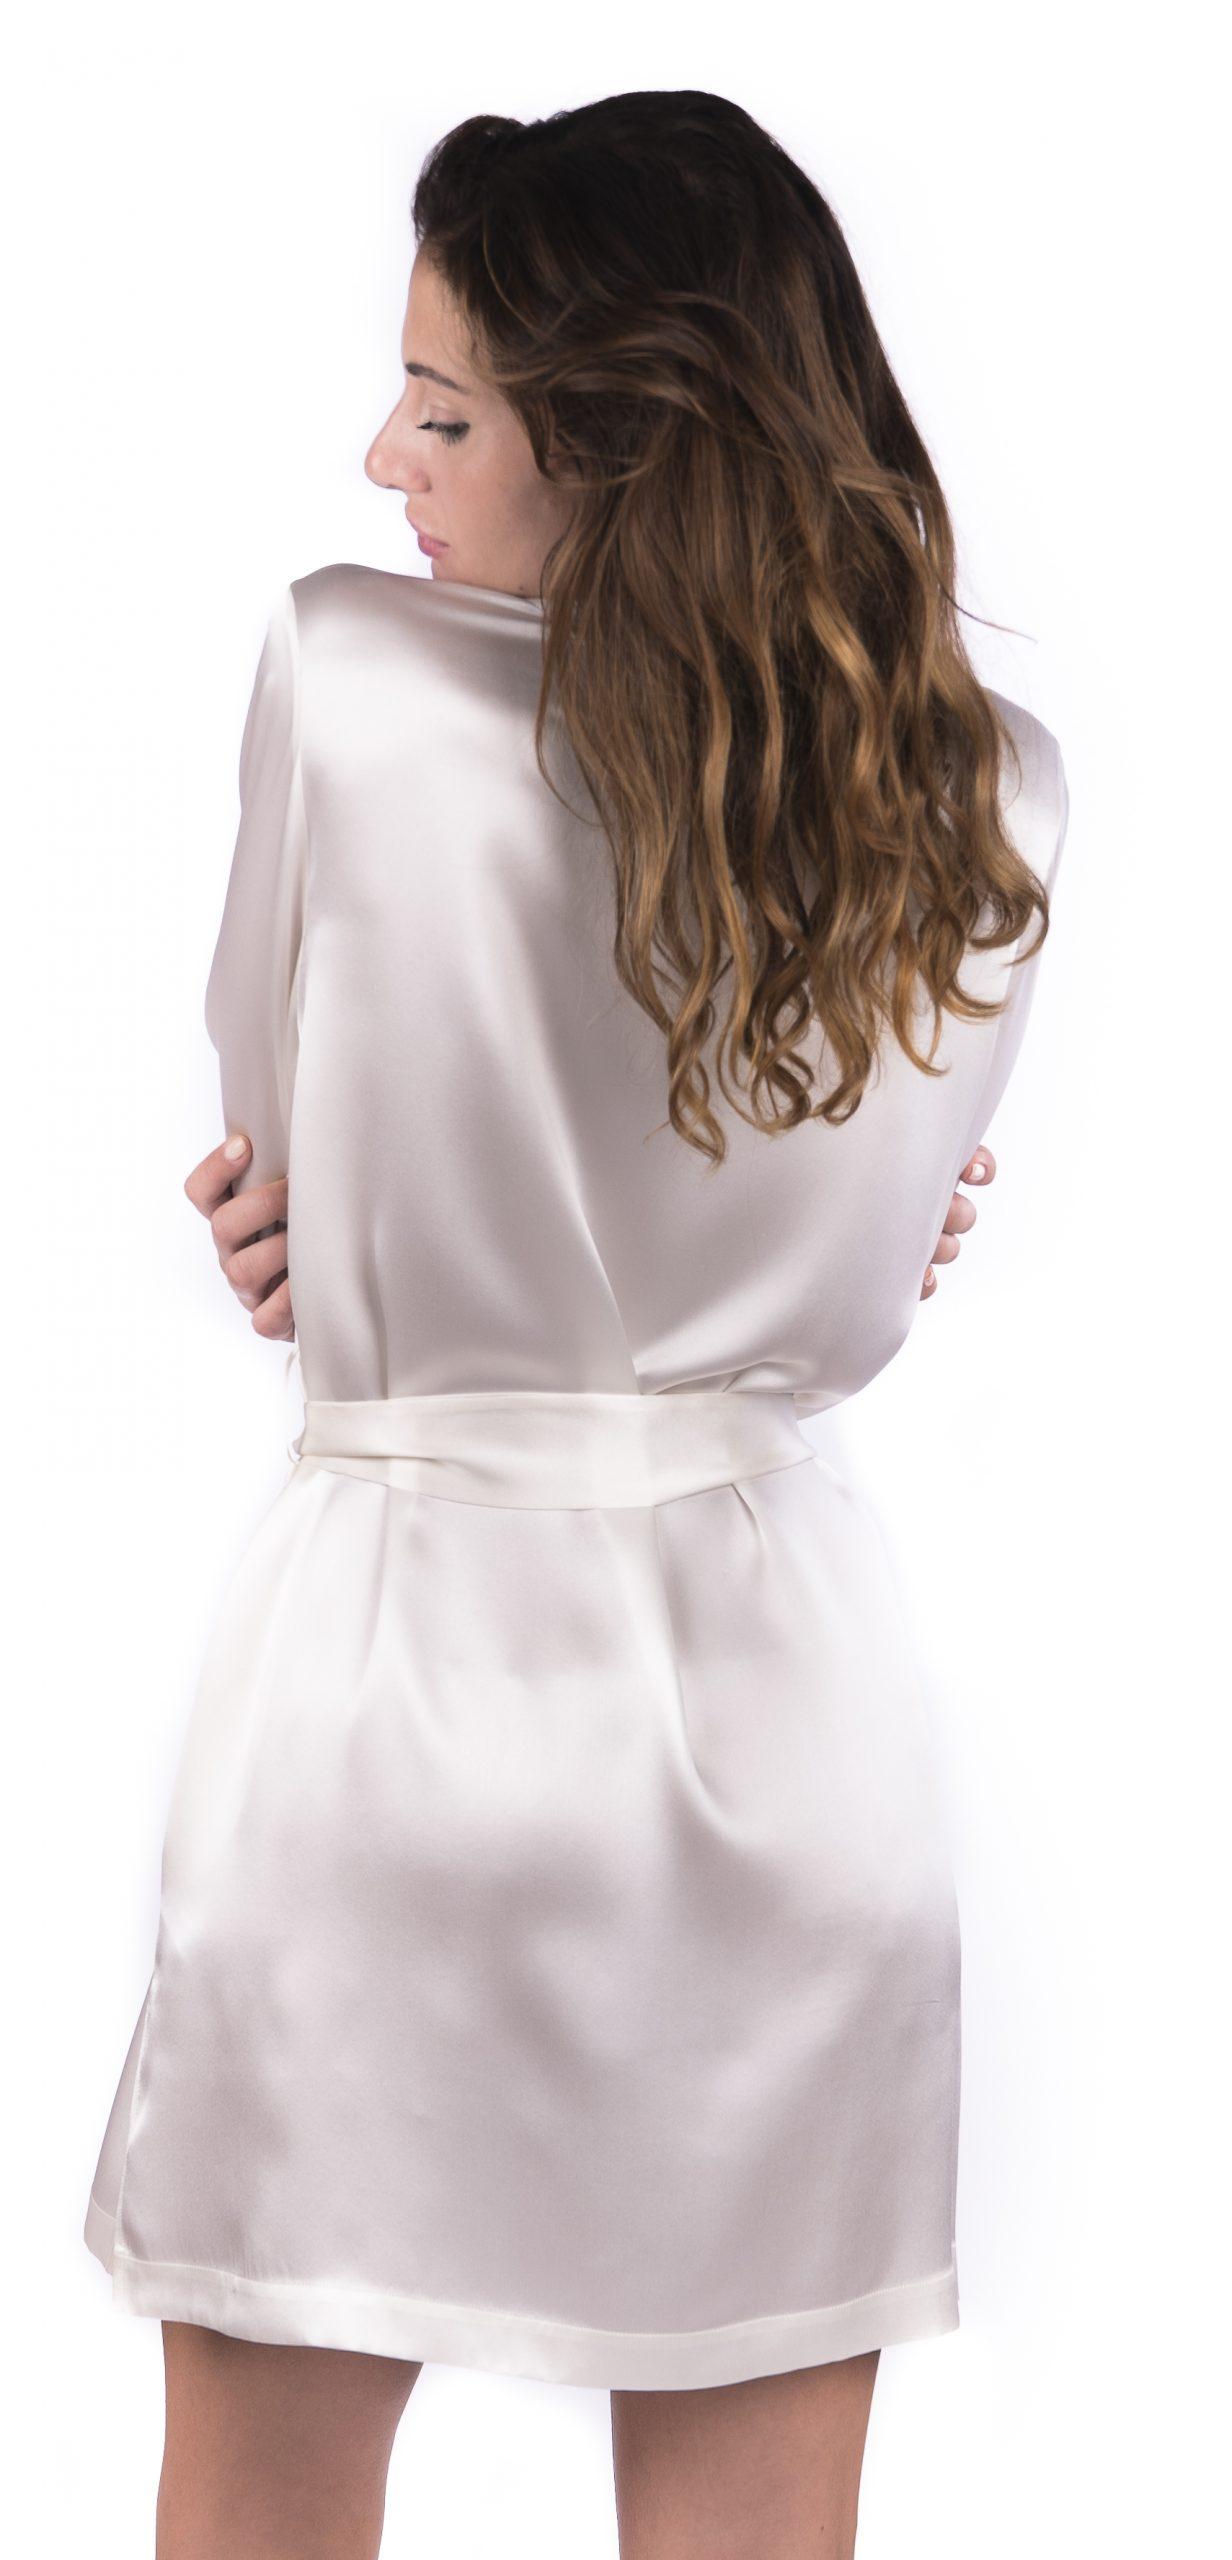 Completo corto da sposa camicia da notte mussola con kimono